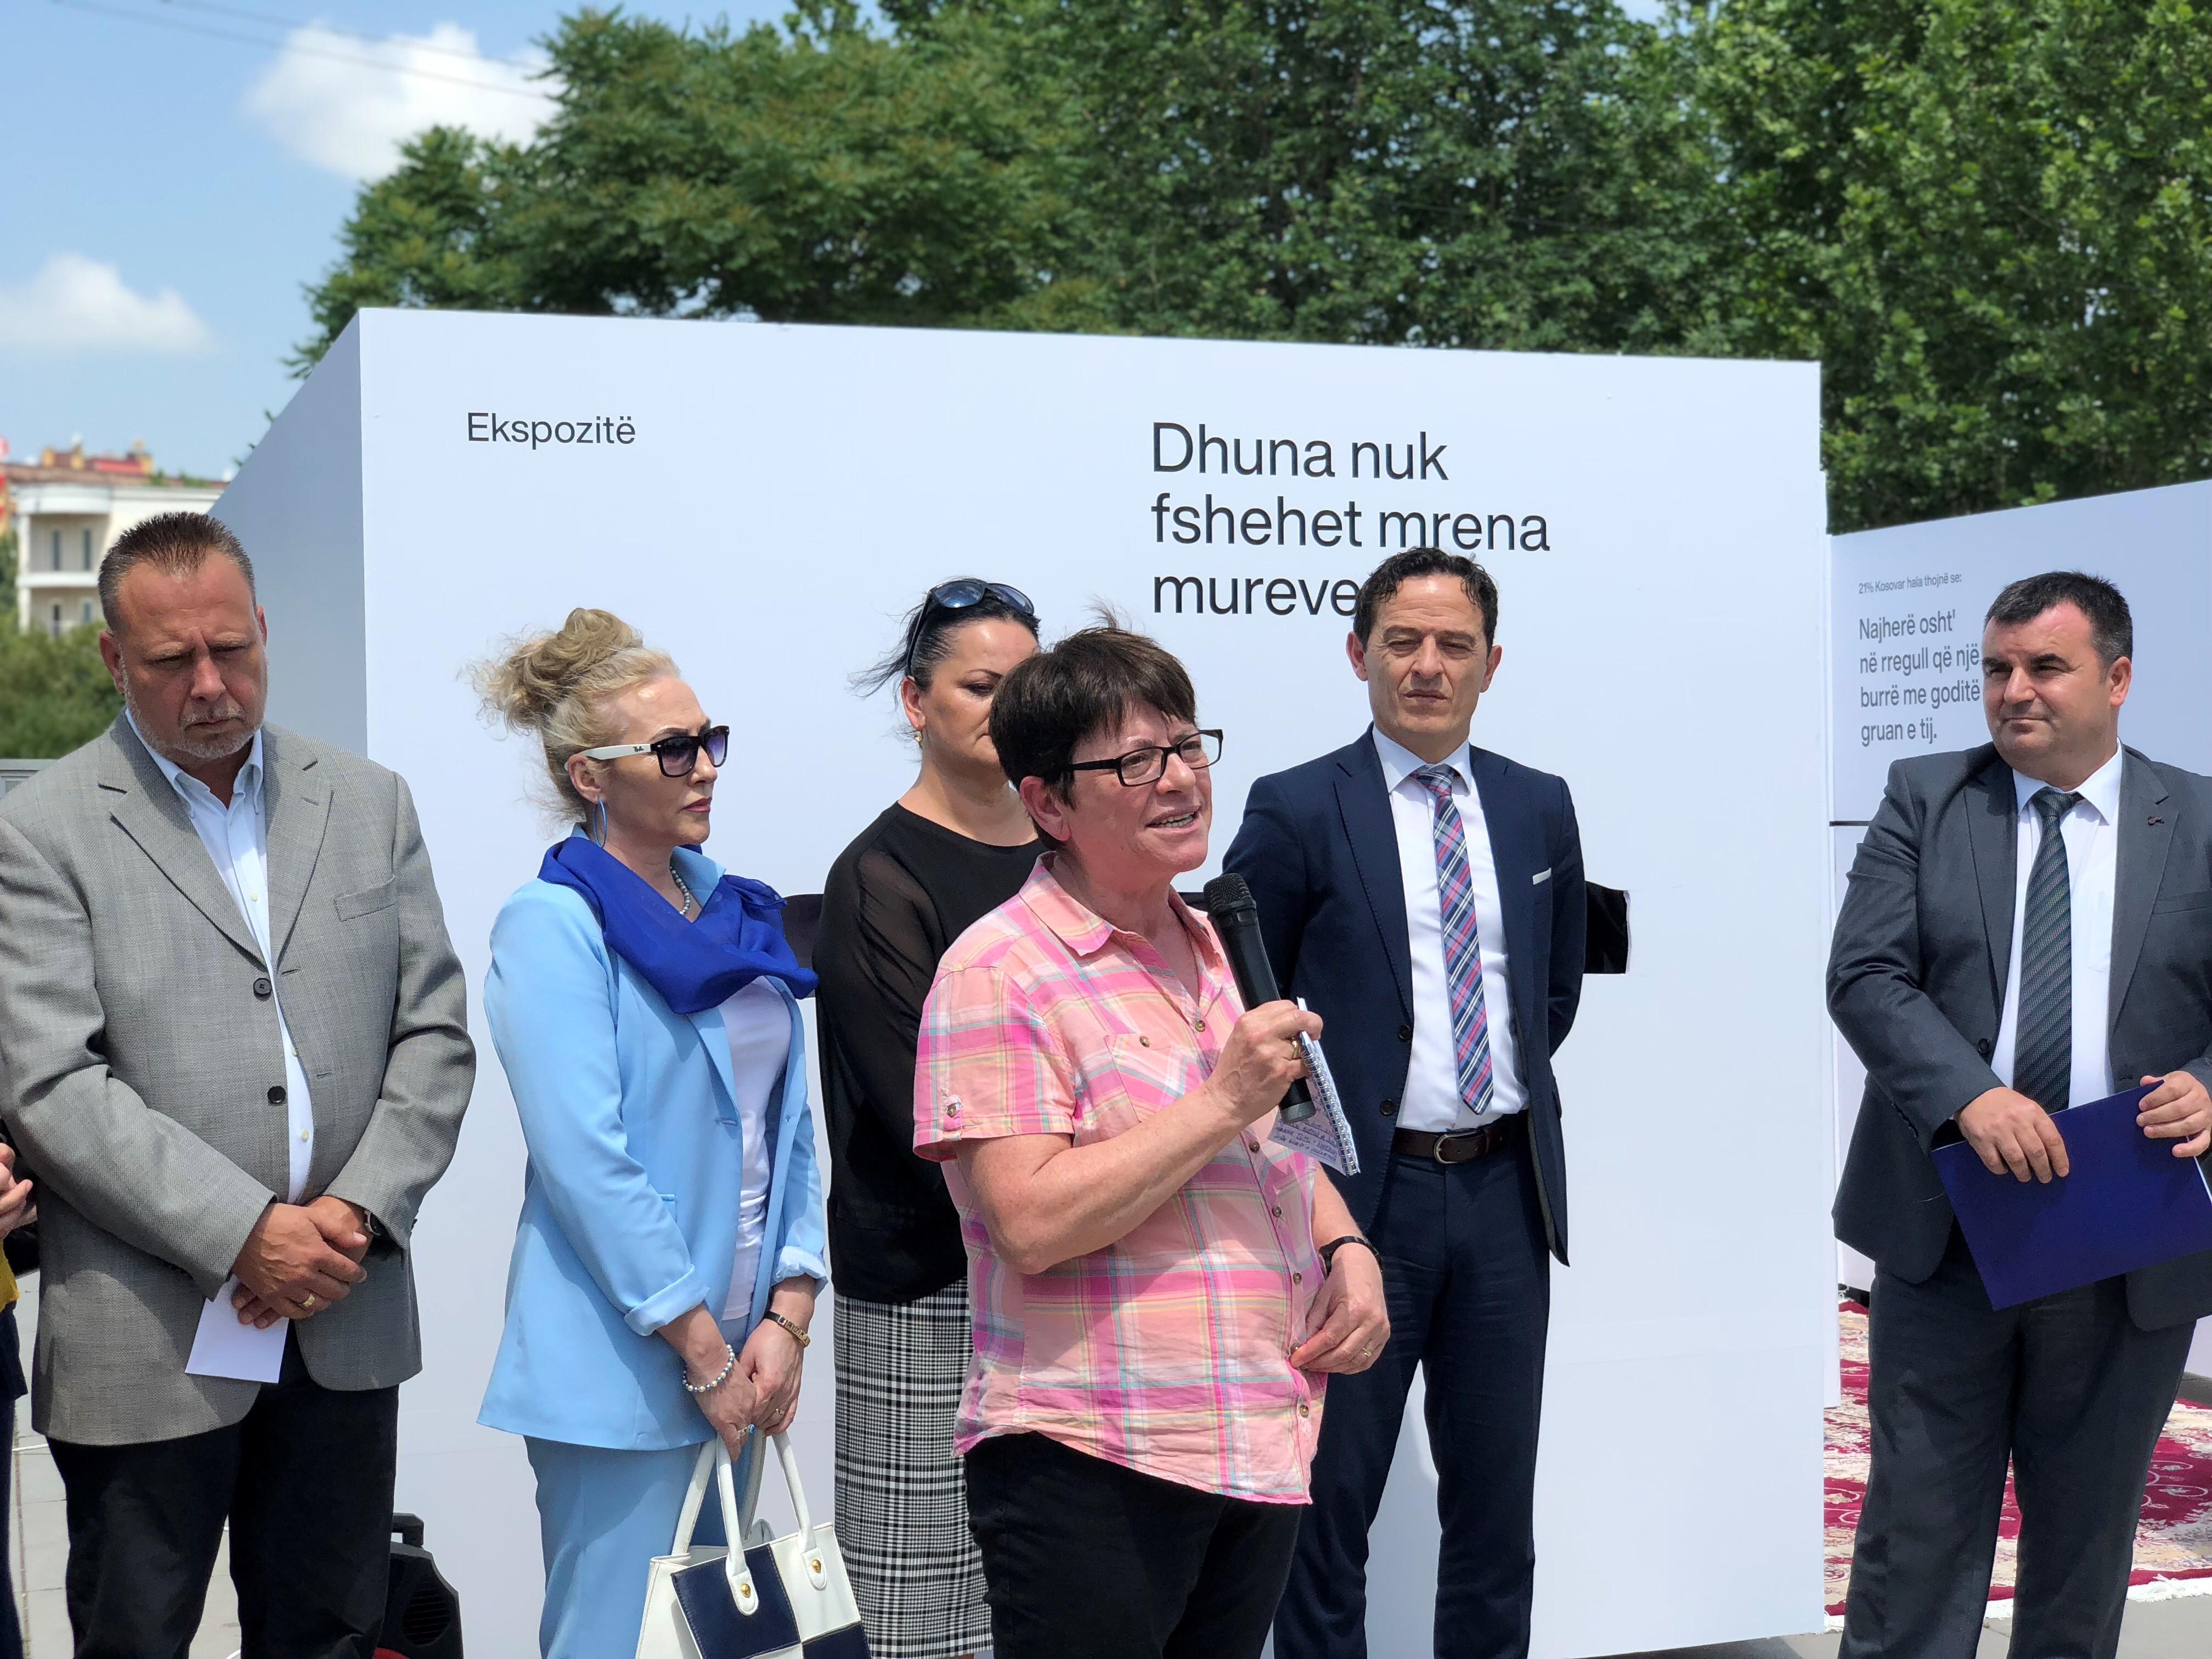 Këshilli Gjyqësor i Kosovës dhe Gjykatat, mbështesin ekspozitën